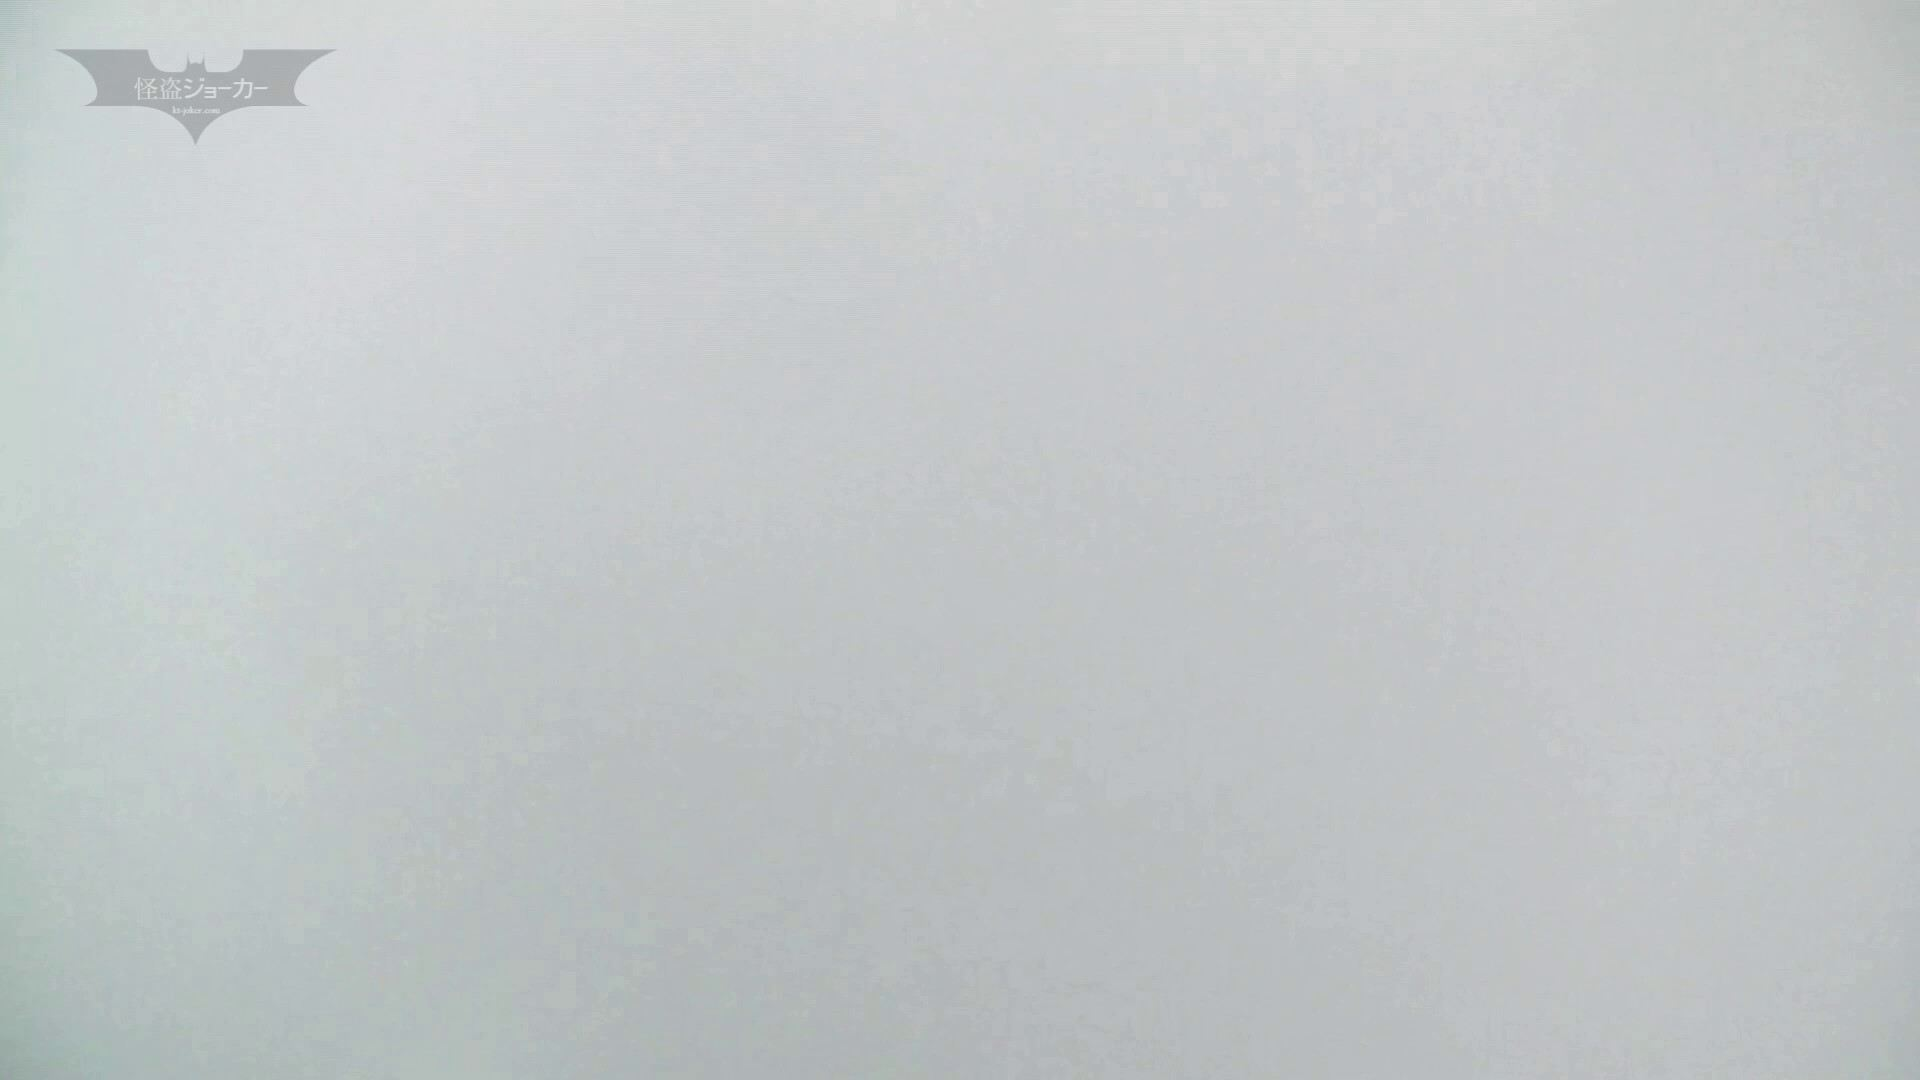 下からノゾム vol.028 あらあらスカートがっ!見えちゃってますよ。 お姉さんのSEX 戯れ無修正画像 111枚 51